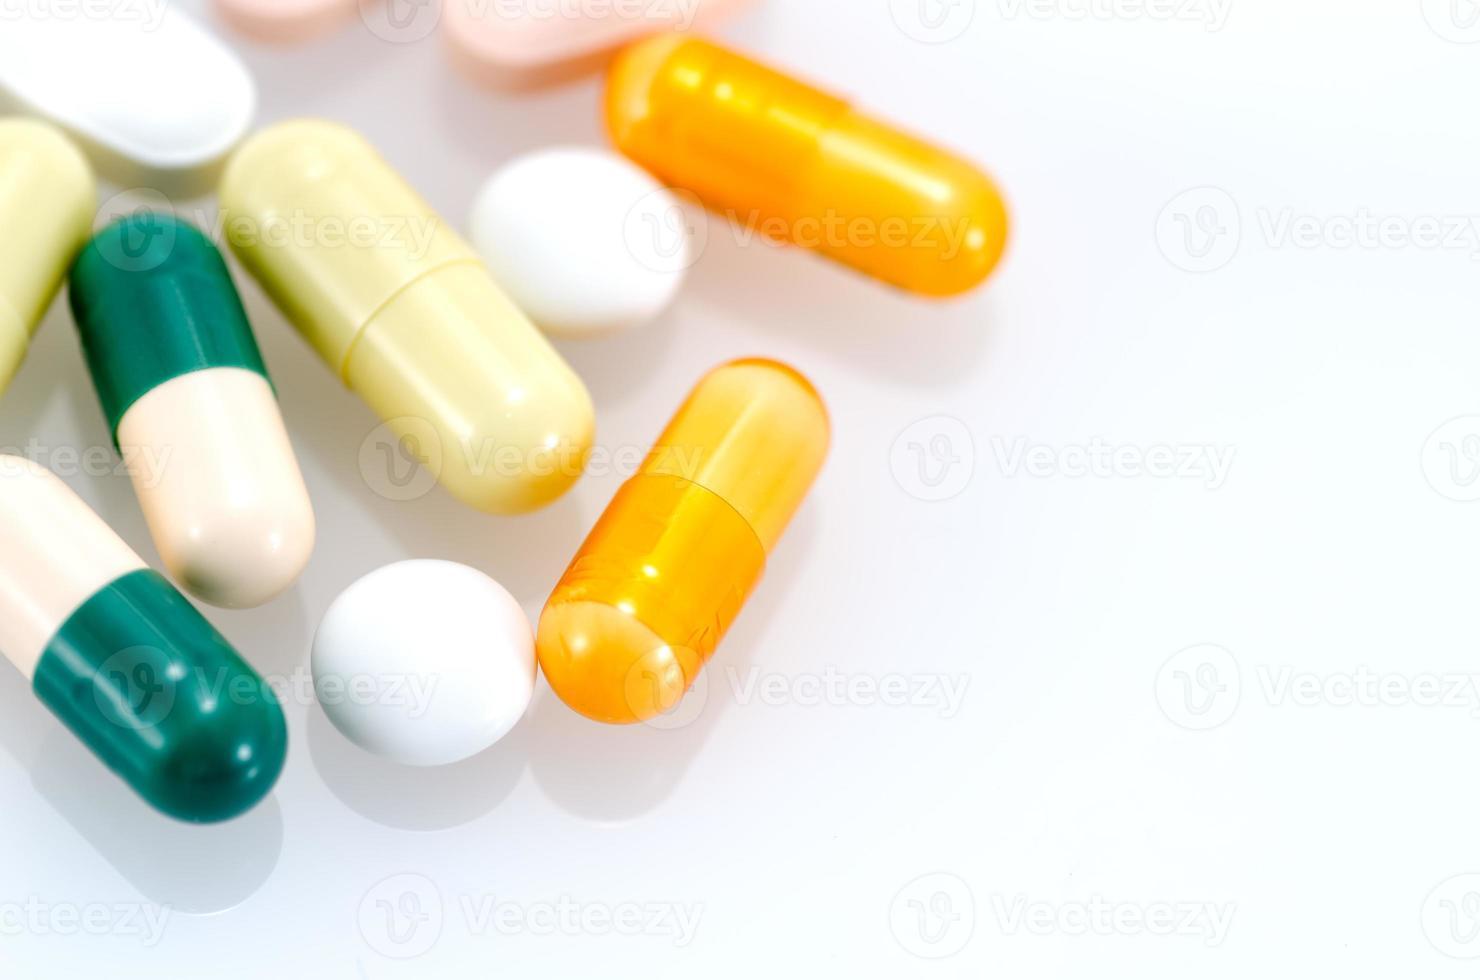 geneeskunde geïsoleerd op een witte achtergrond. foto